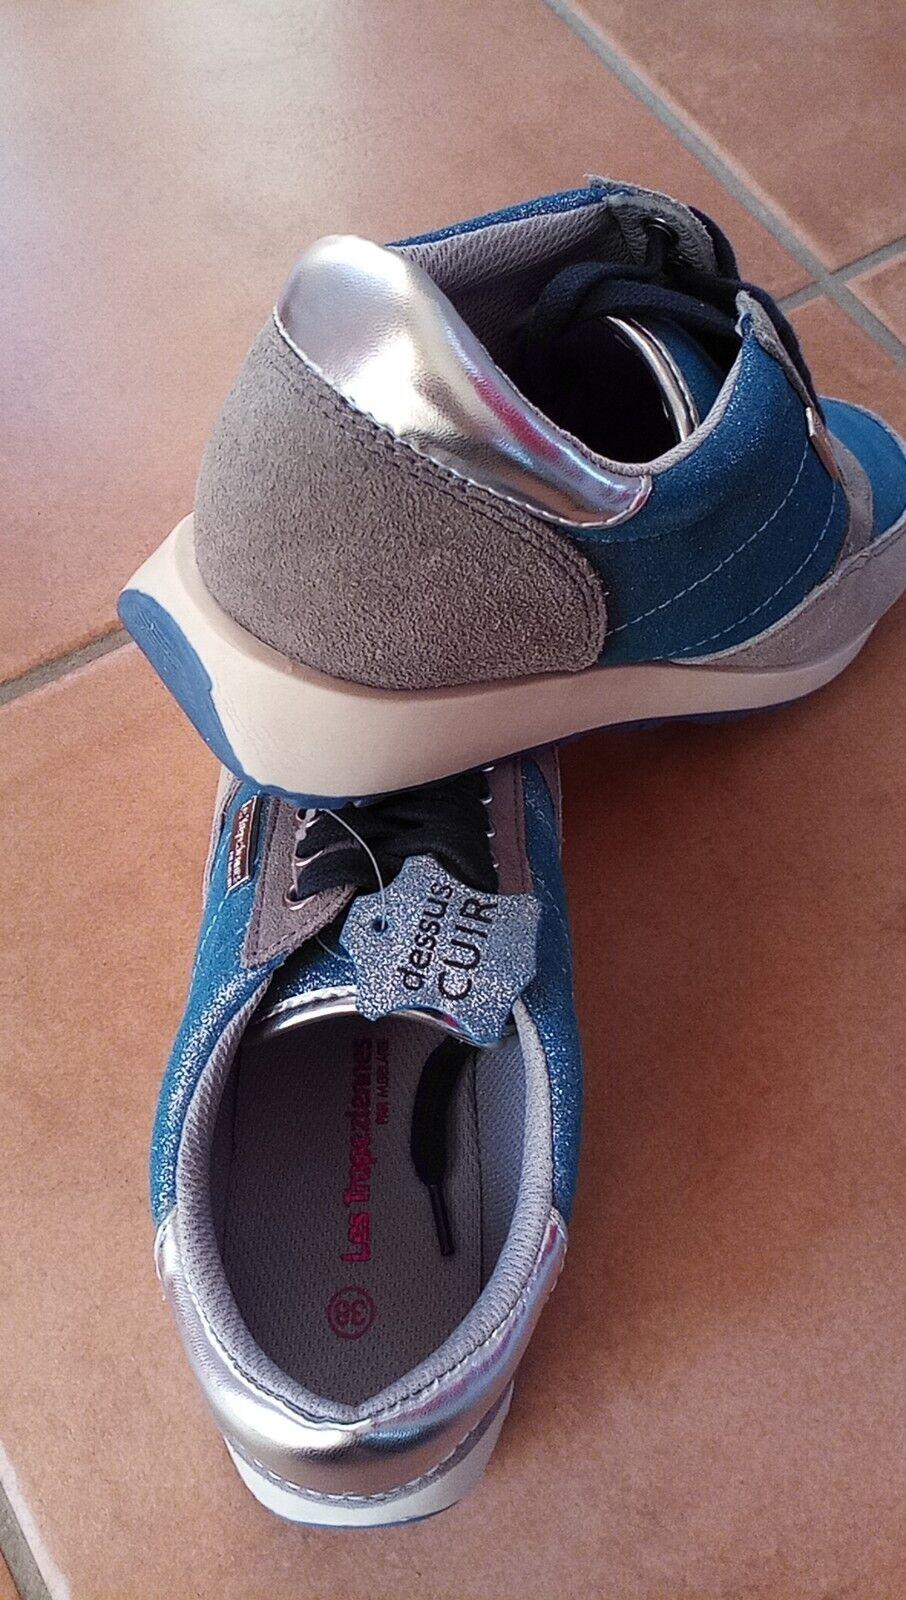 Les Tropéziennes par M. Belarbi Sportschuhe Echt Leder Sneaker Schuhe Sportschuhe Belarbi Gr 38 NEU 5206ae